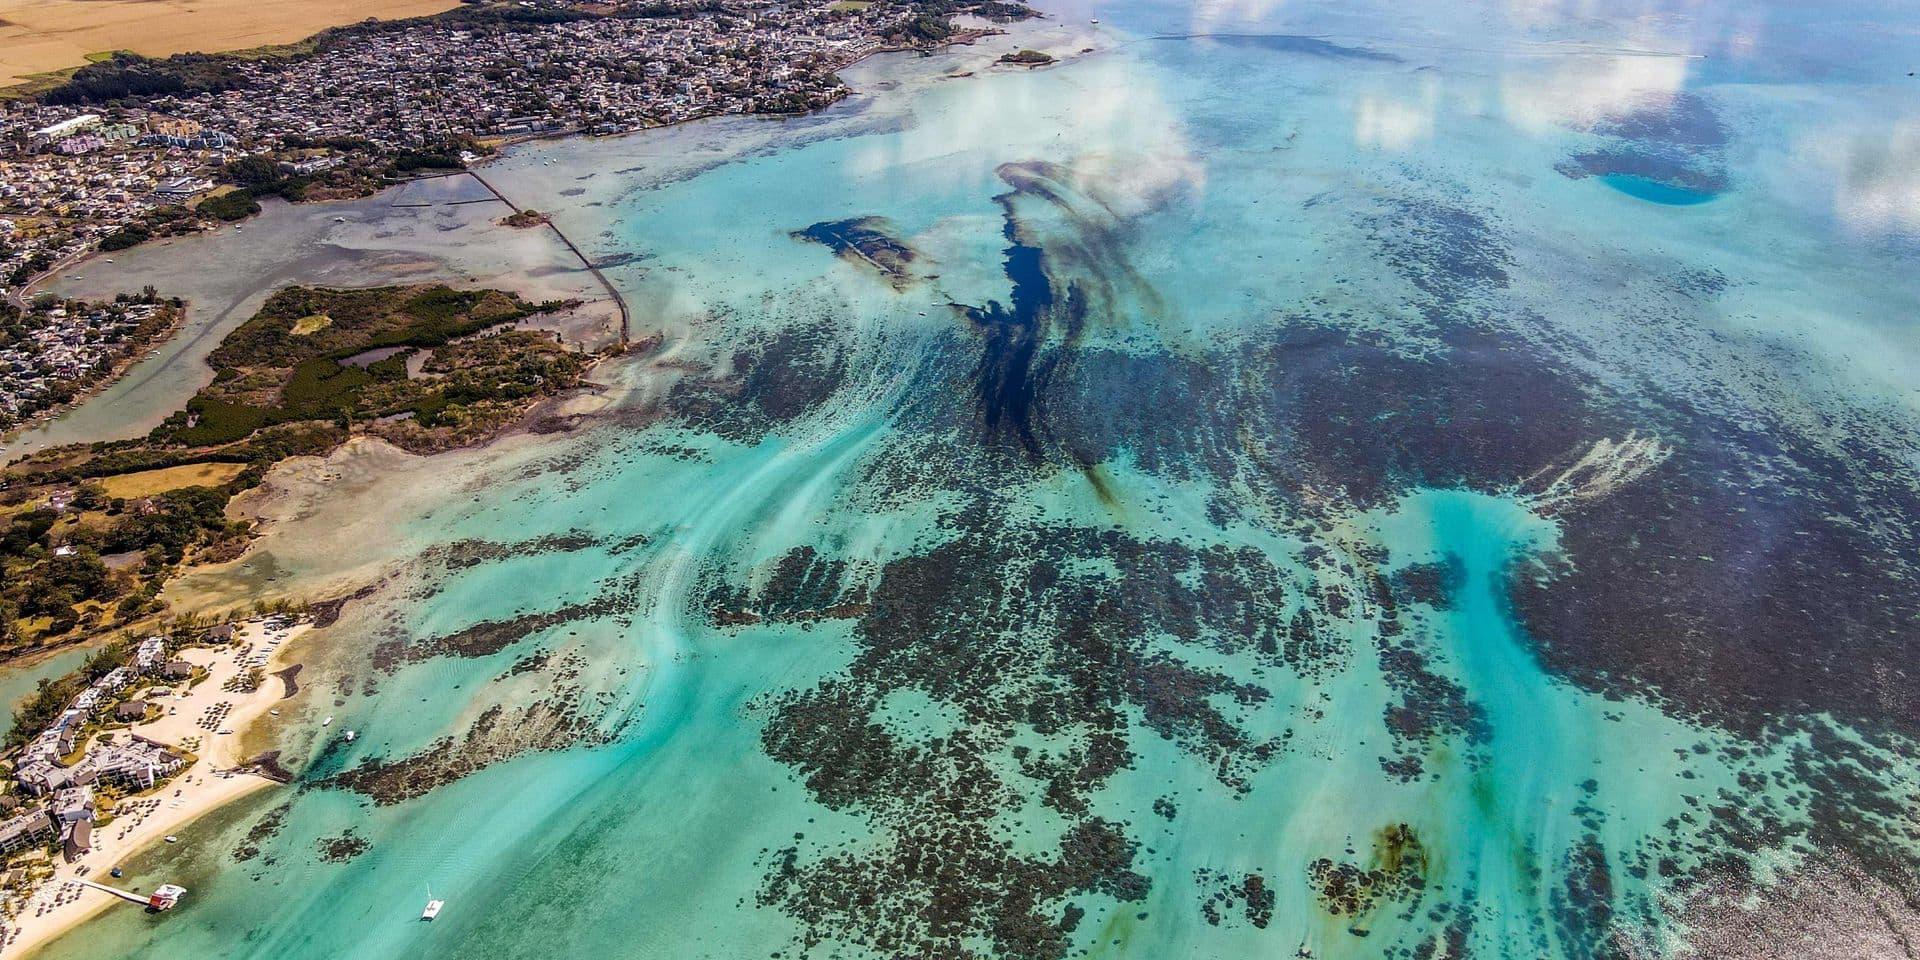 Une marée humaine face à la pire catastrophe écologique de l'histoire de l'île Maurice